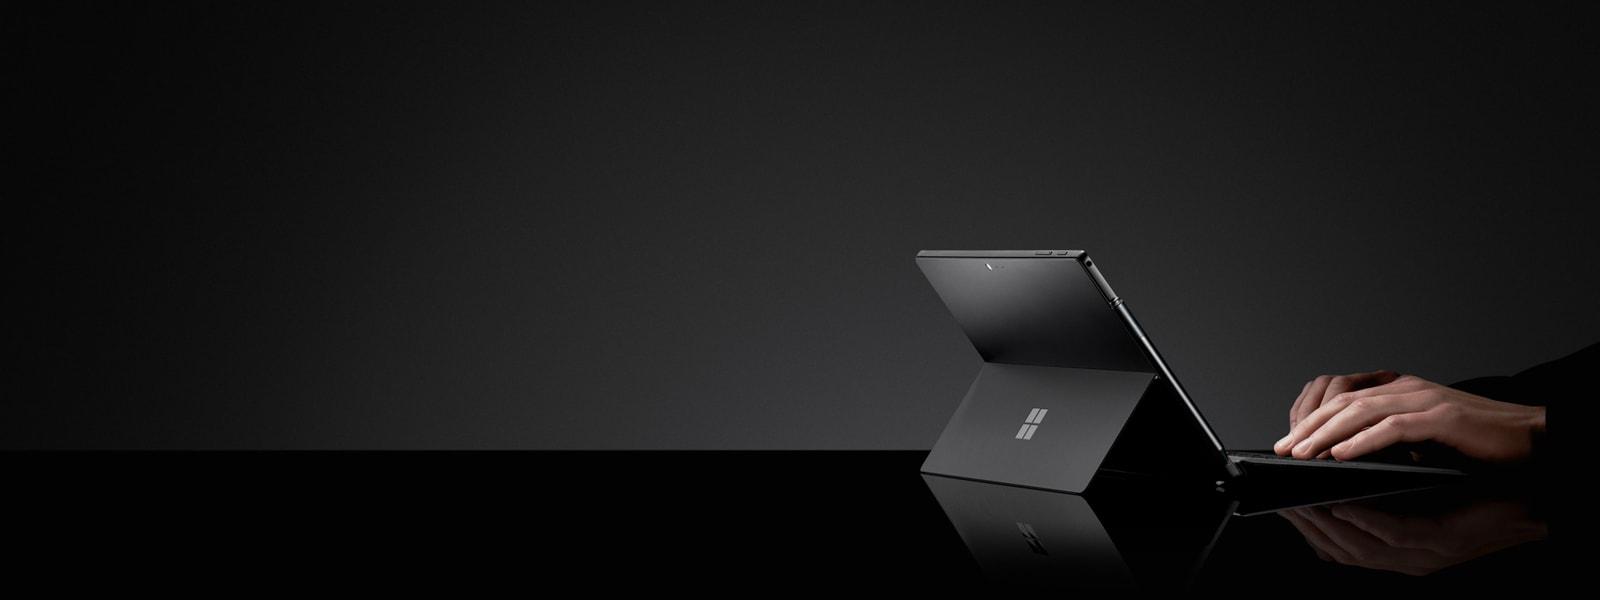 黑色背景下,一个人在典雅黑色颜色的 Surface Pro 6 上打字